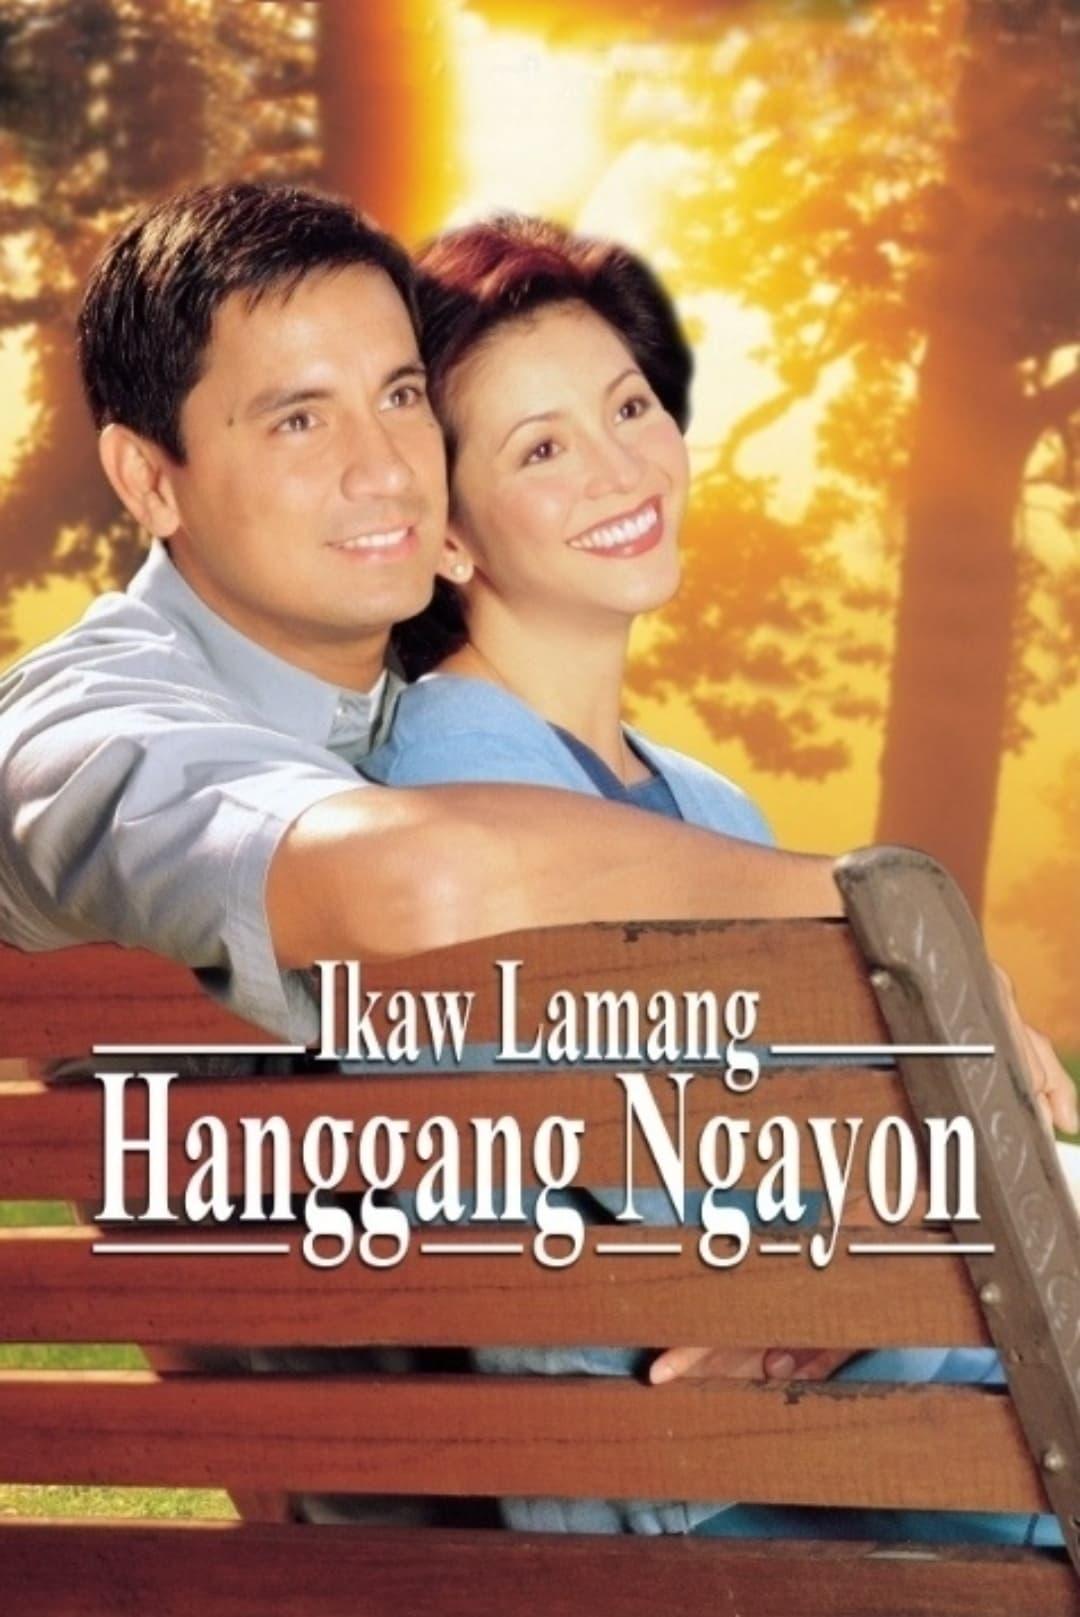 Ikaw Lamang Hanggang Ngayon